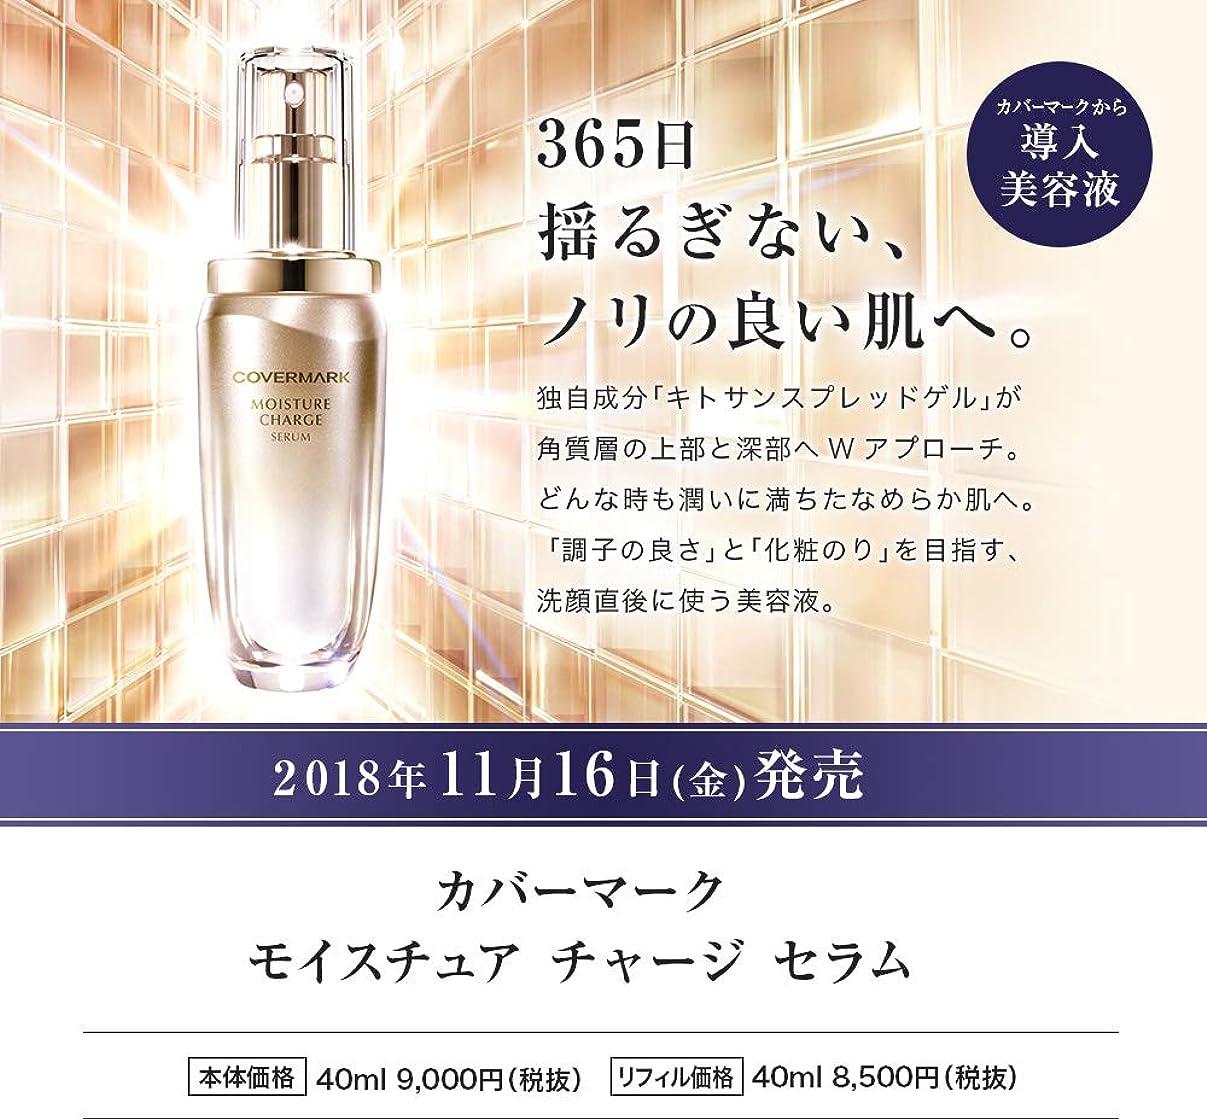 マッシュ涙シーフードカバーマーク COVERMARK モイスチュア チャージ セラム 40mL